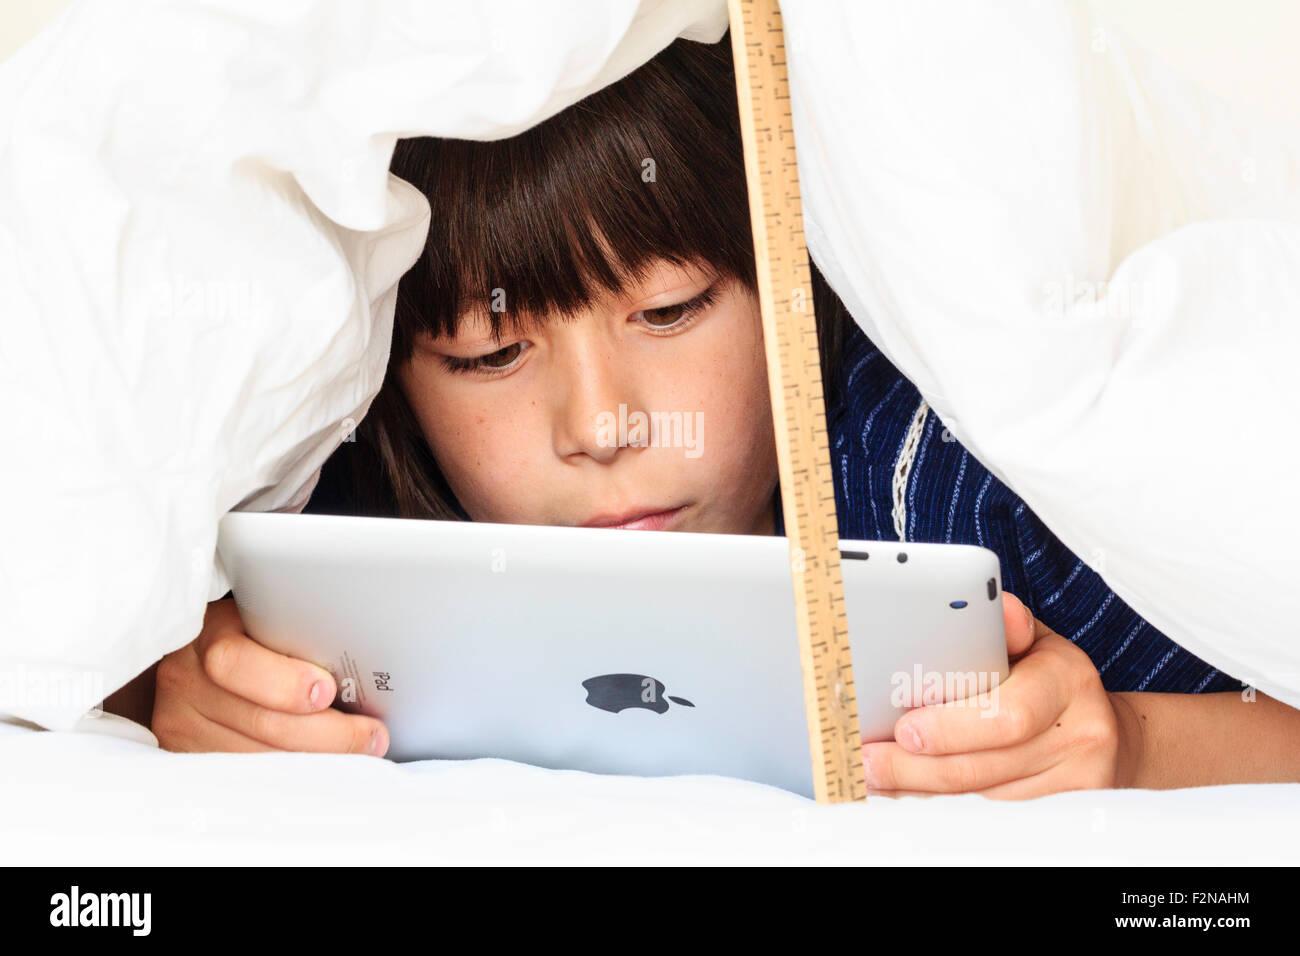 Kaukasische 11 Jahre alten Knaben, Verlegung unter der Bettdecke auf Bett, Blick auf i-Pad, konzentriert studieren. Stockbild